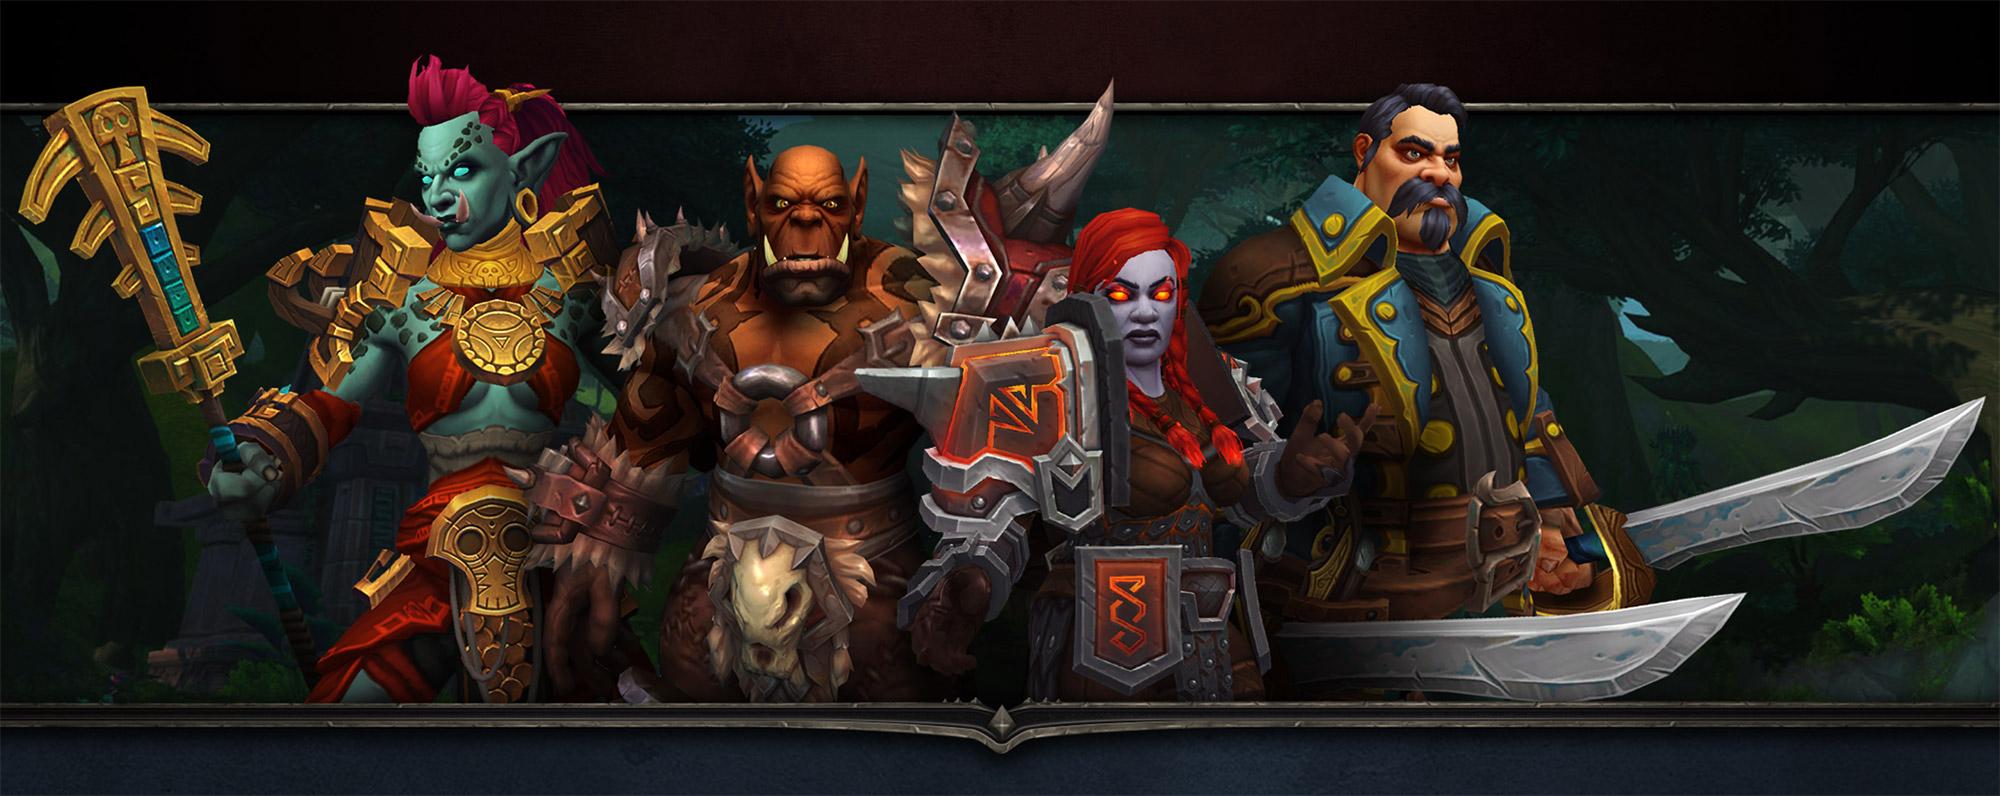 Les quatre races alliées qui pourront être débloquées dans Battle for Azeroth